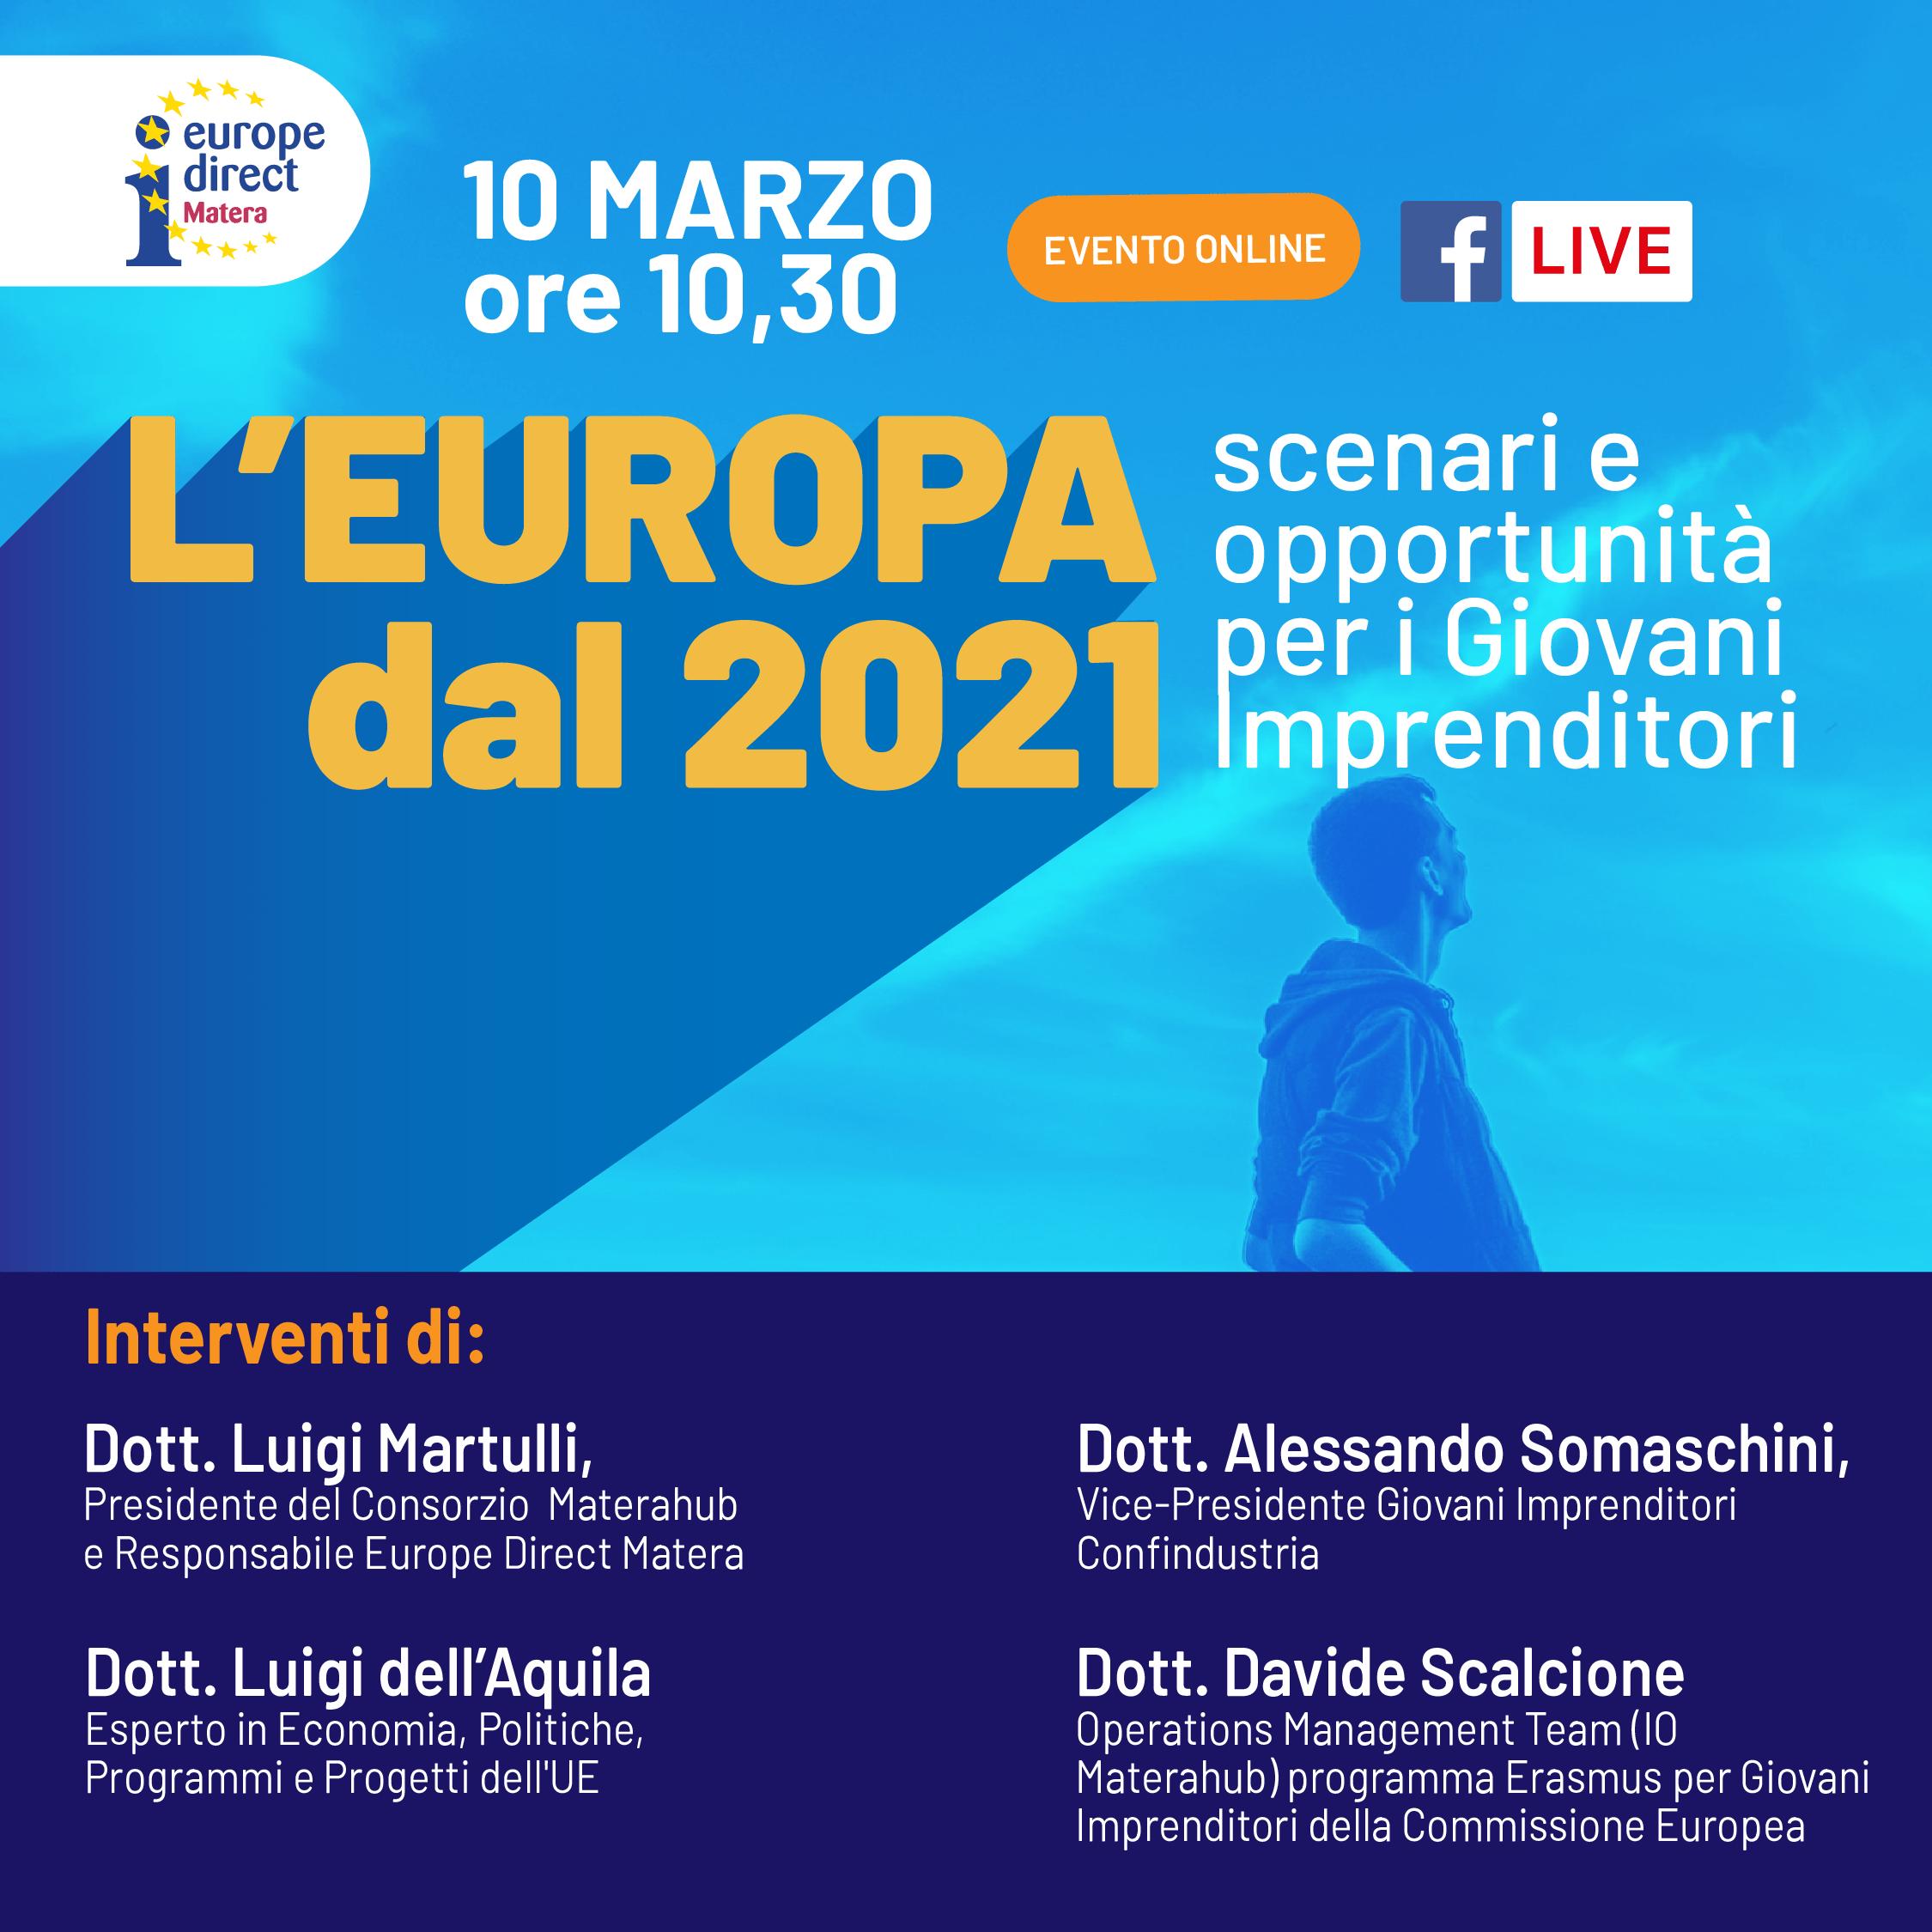 L'Europa dal 2021 - Scenari e opportunità per i Giovani Imprenditori